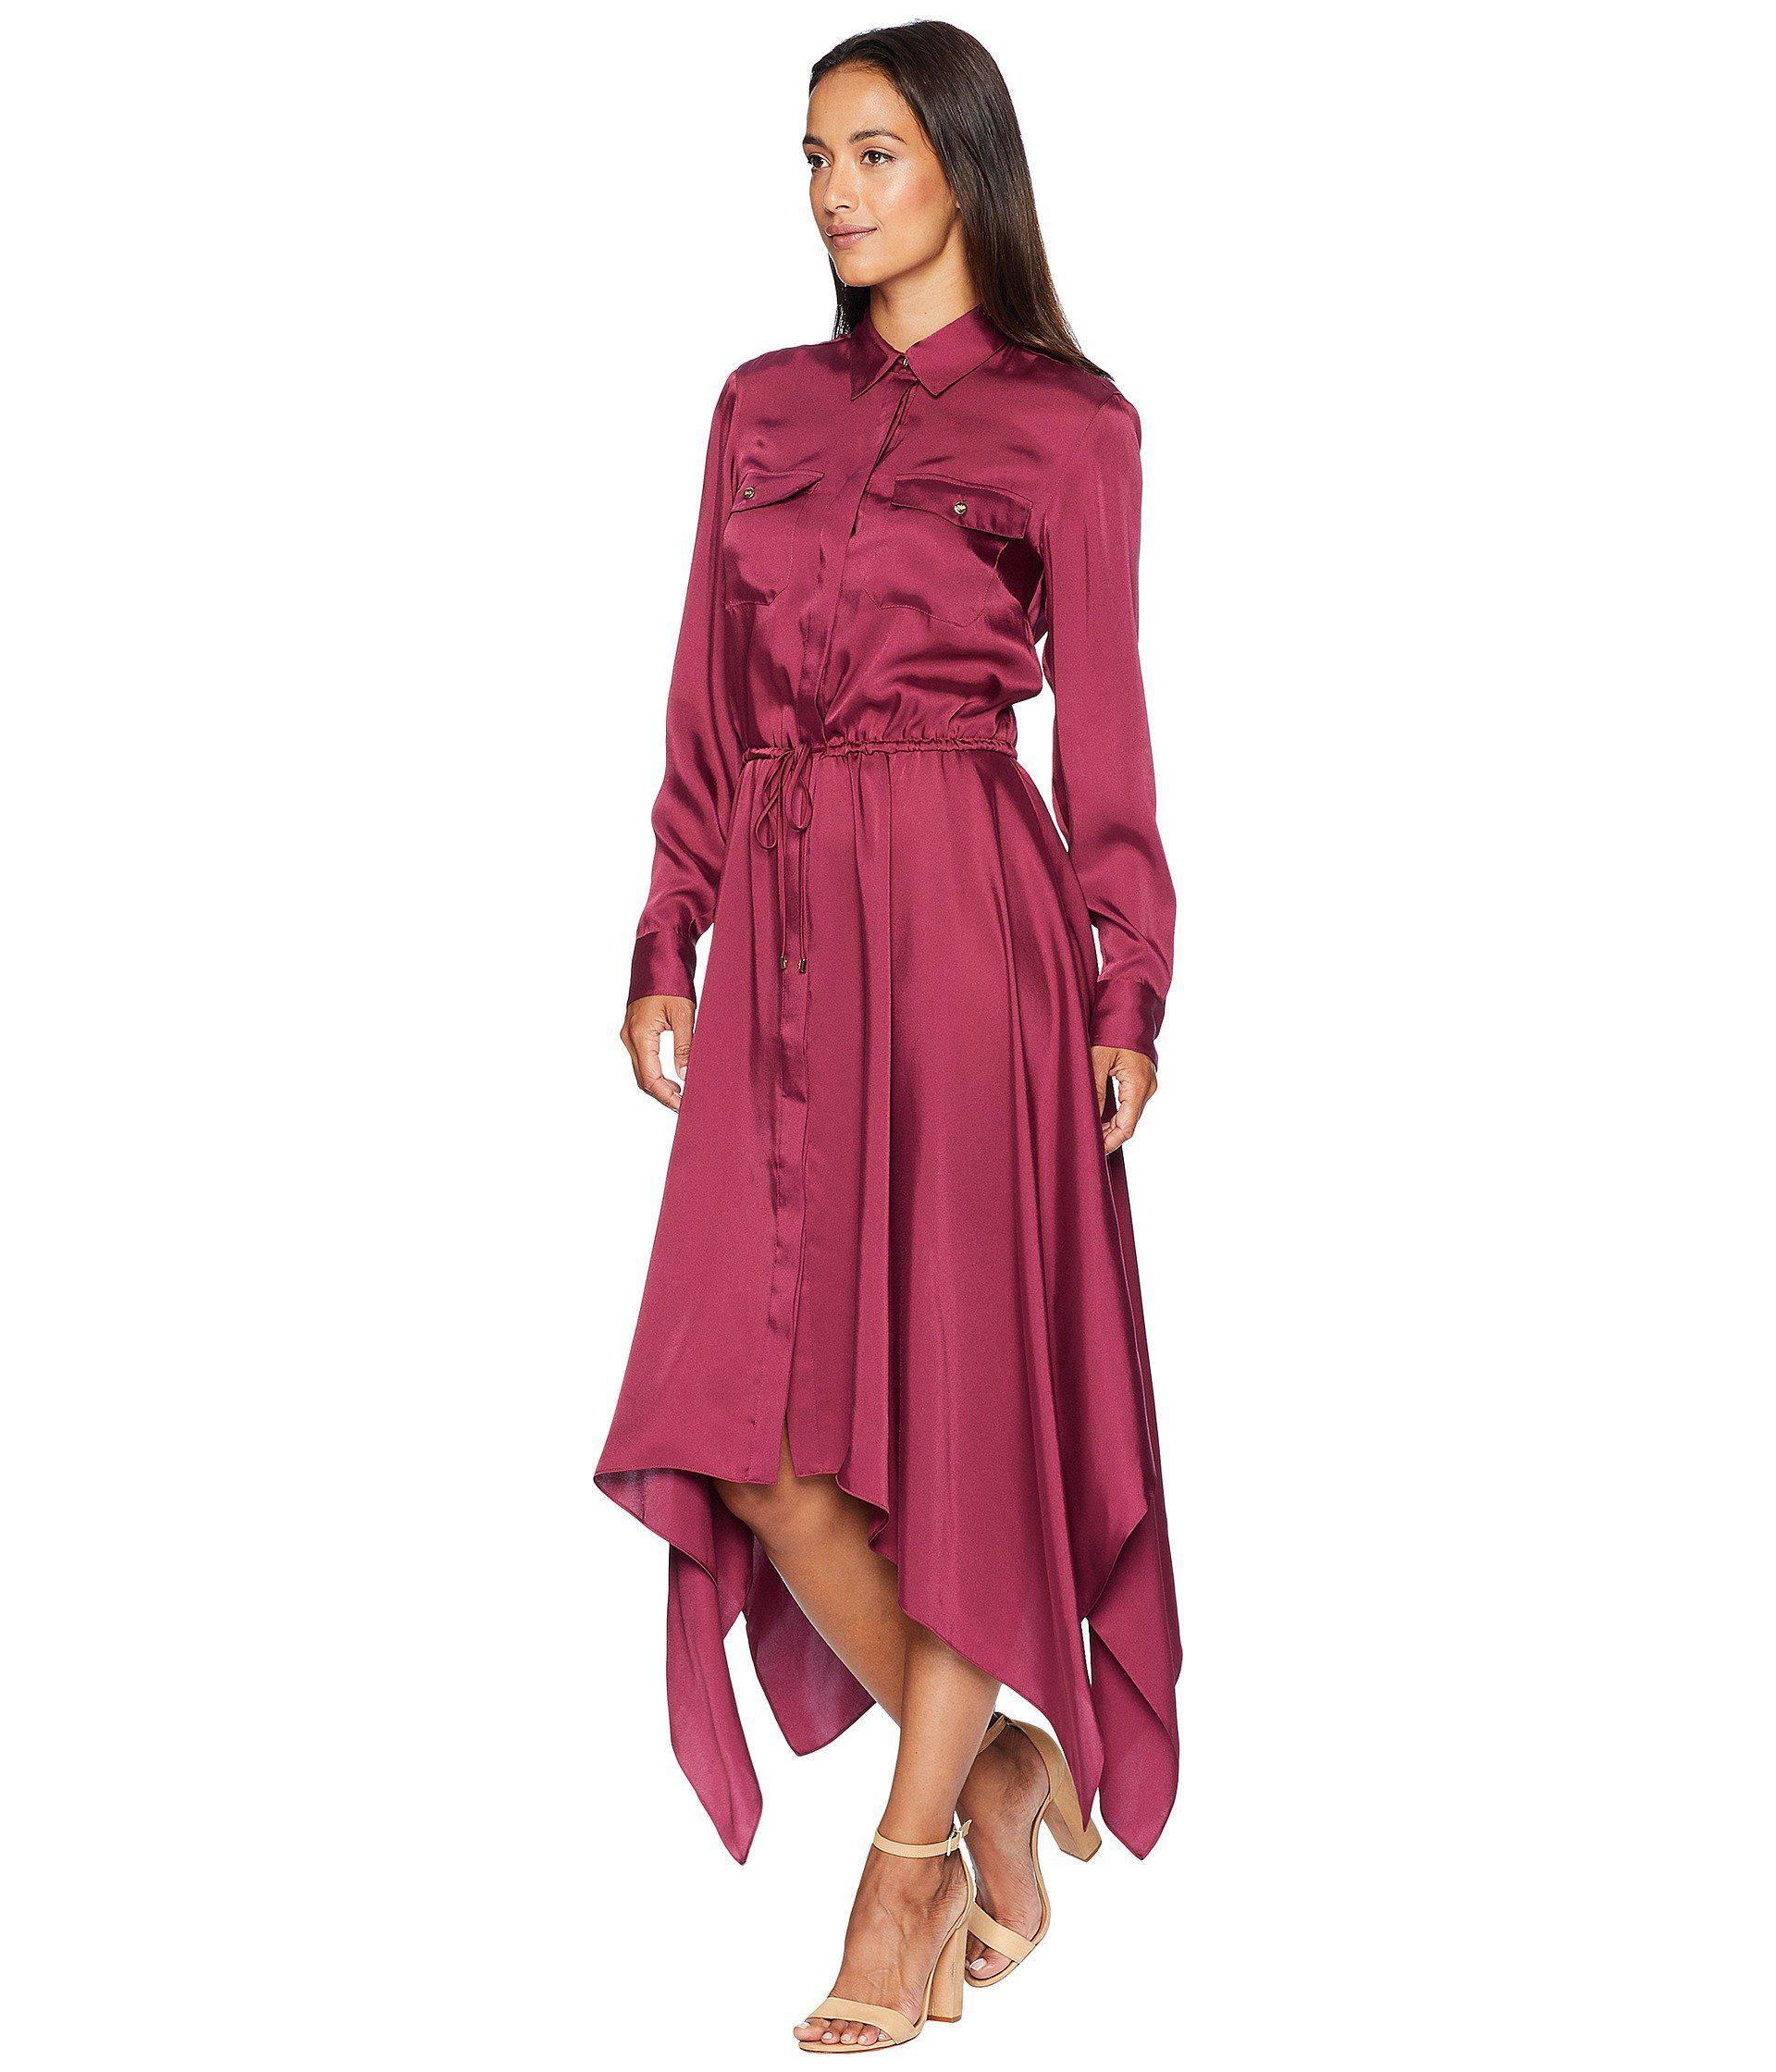 44544d121ed09 Lyst - Lauren by Ralph Lauren Twill Shirtdress (rich Cranberry) Women s  Dress in Red